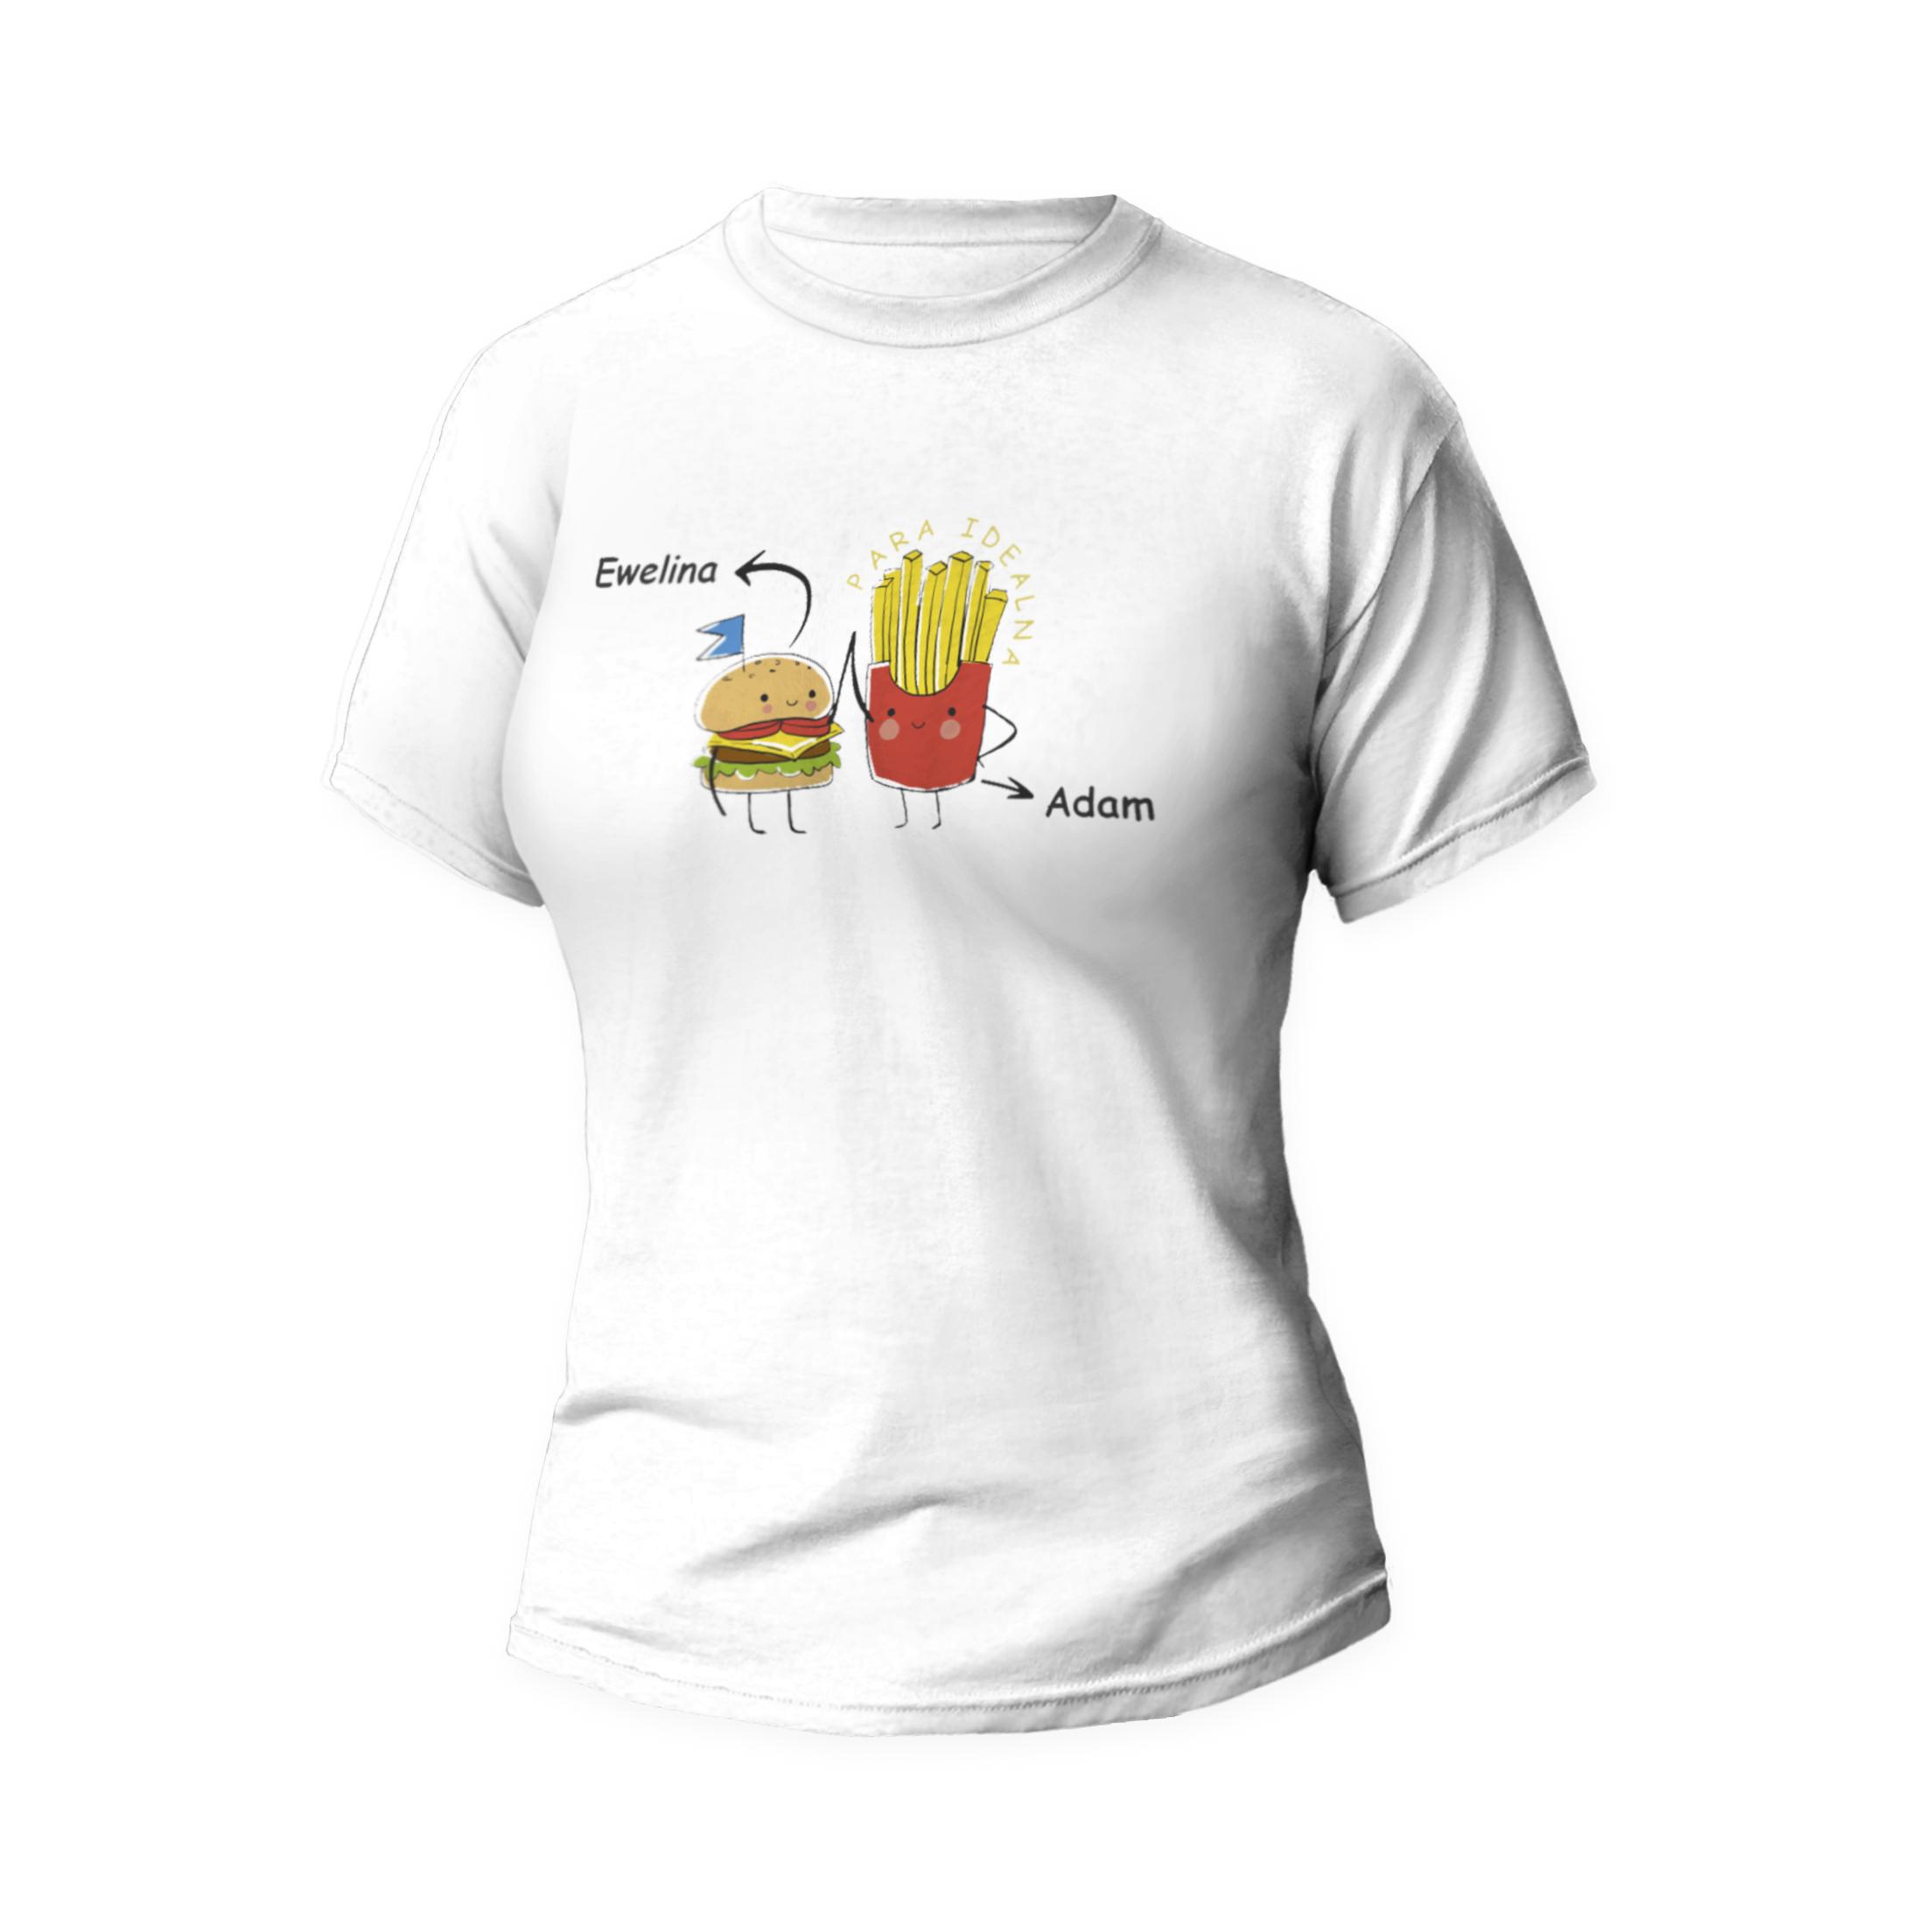 Rozmiar XL - koszulka damska dla dziewczyny para idealna